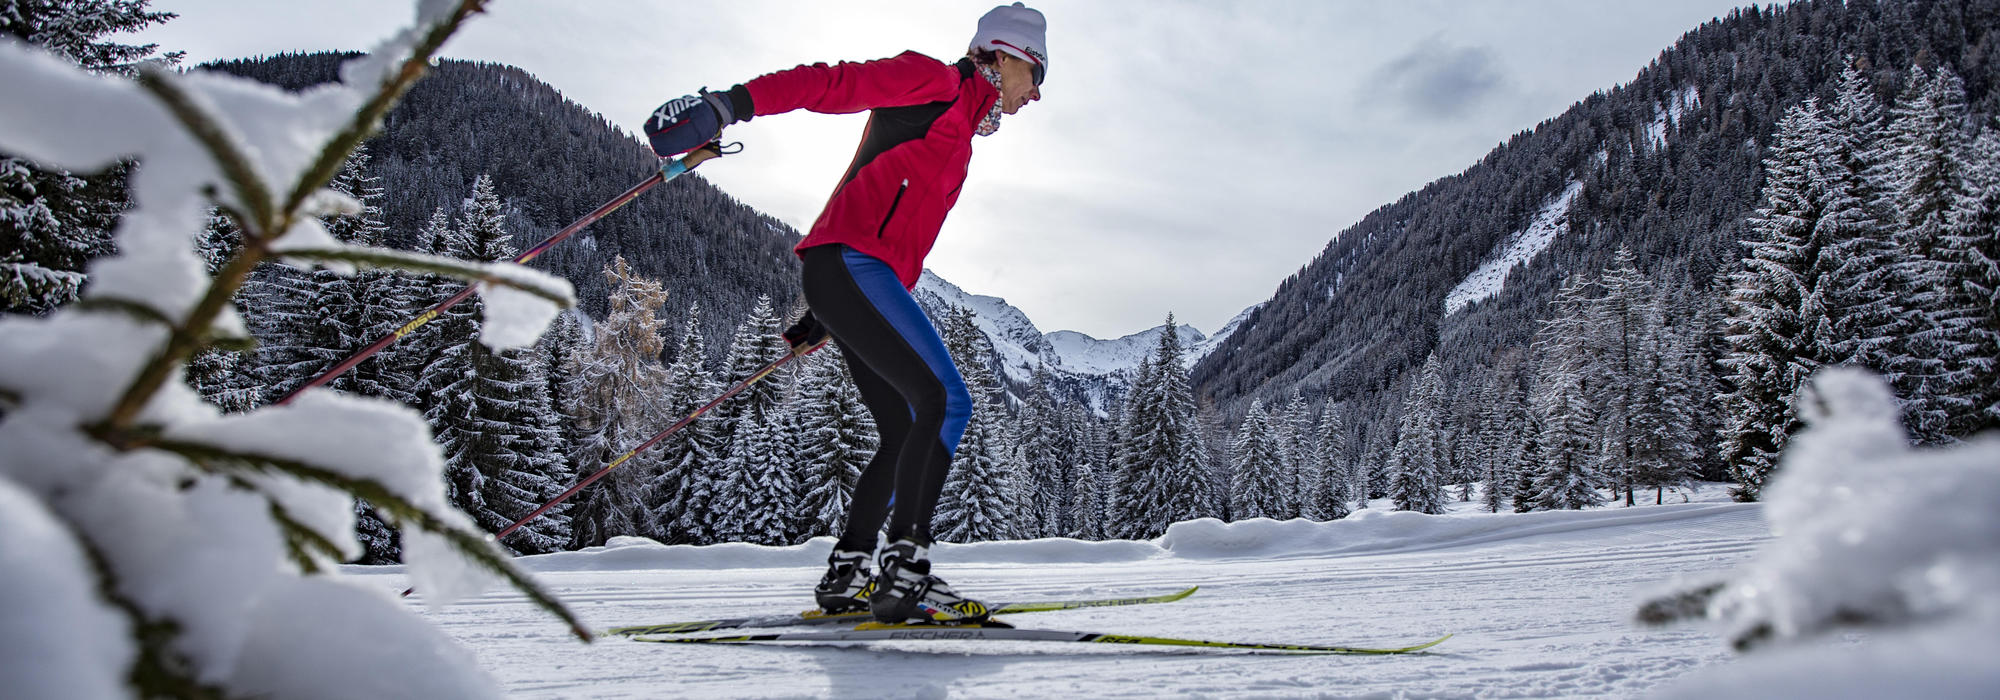 Langlauf Obertilliach | © TVB Osttirol / Berg im Bild OG